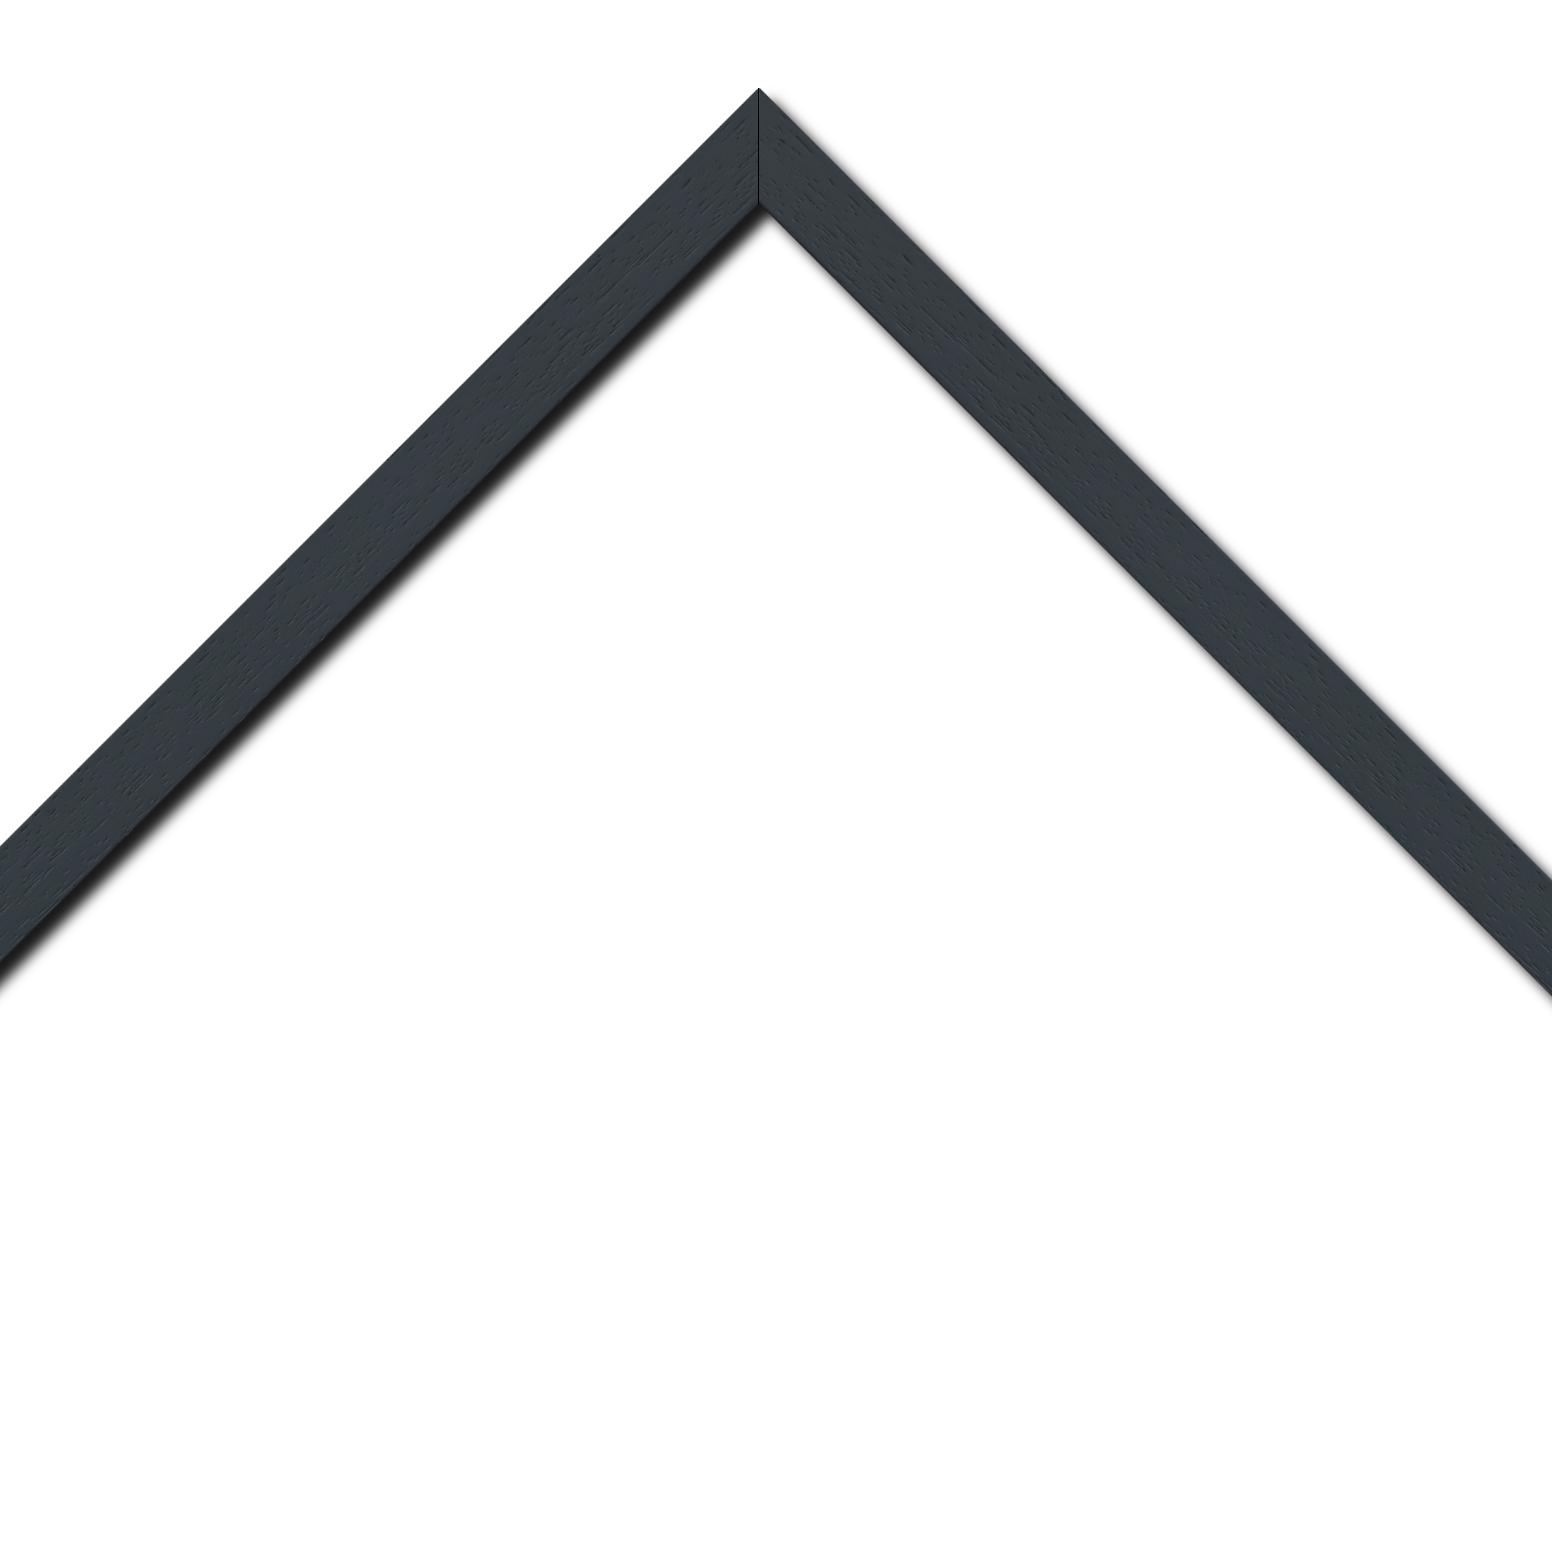 Baguette bois profil plat largeur 2cm hauteur 3.3cm couleur gris foncé satiné (aussi appelé cache clou)